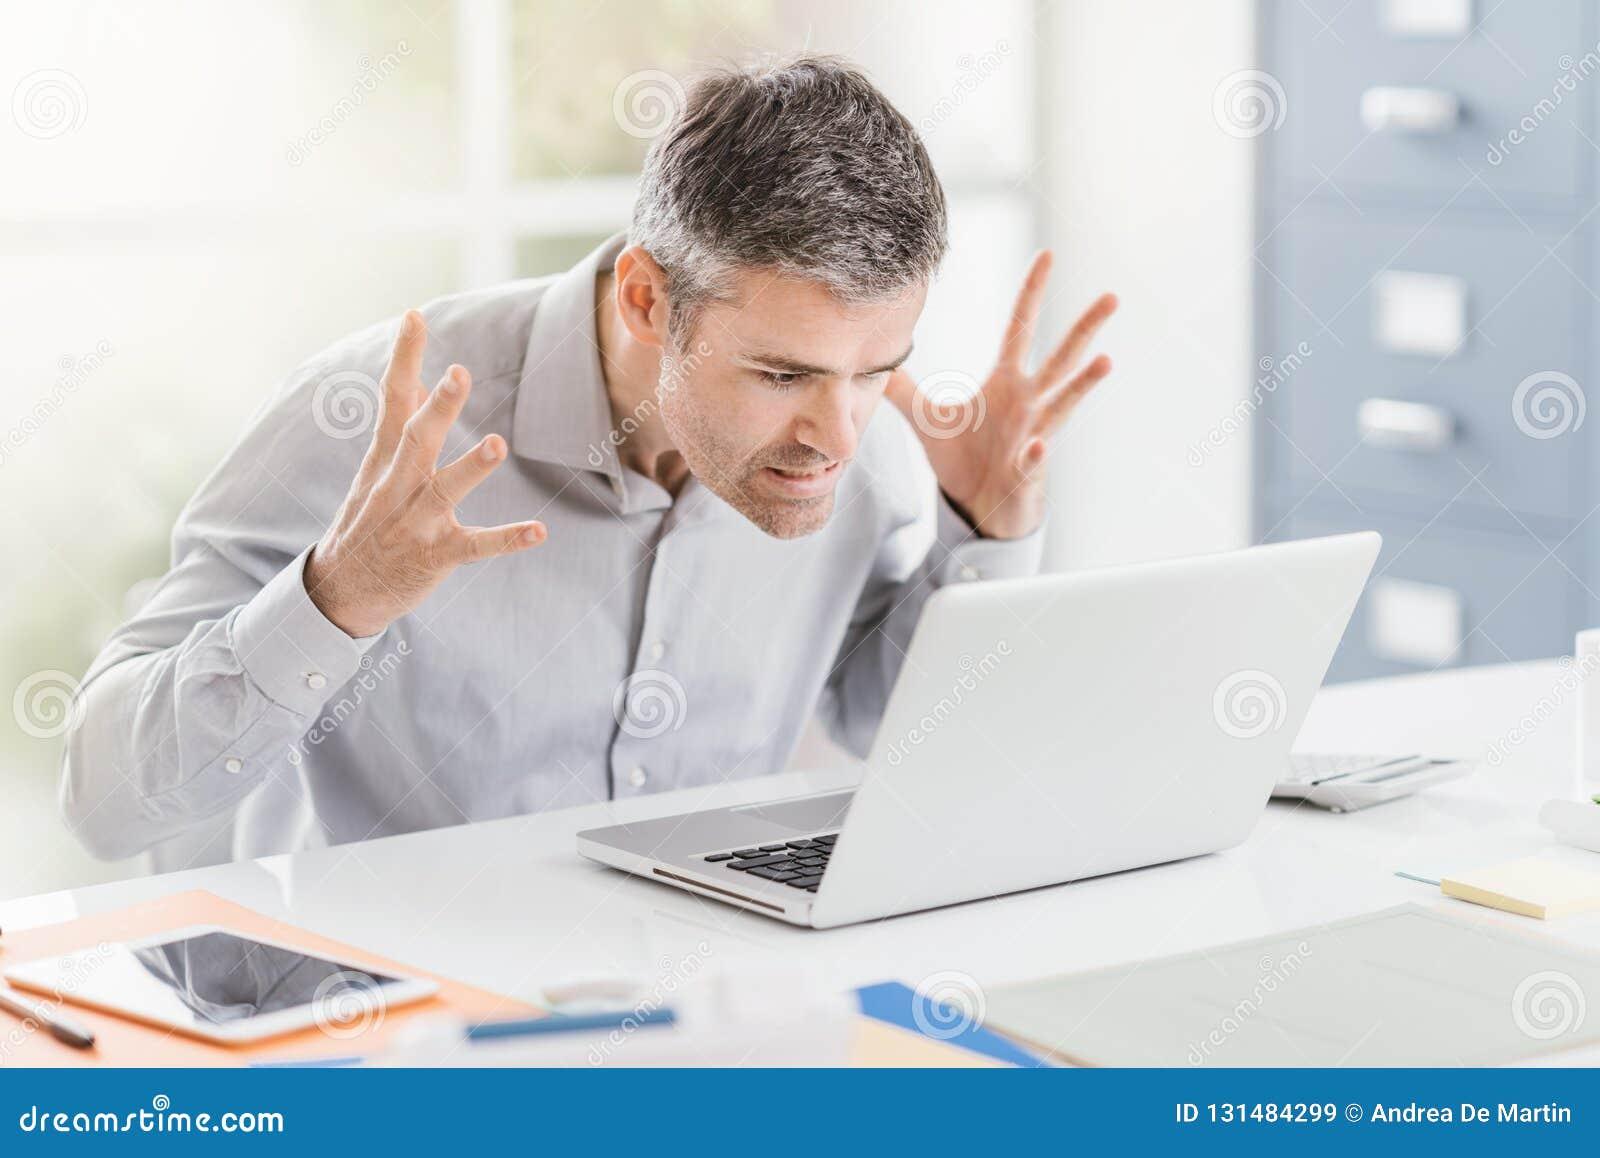 0 ματαιωμένος εργαζόμενος γραφείων που έχει τα προβλήματα με το lap-top και τη σύνδεσή του, τα προβλήματα υπολογιστών και την ένν